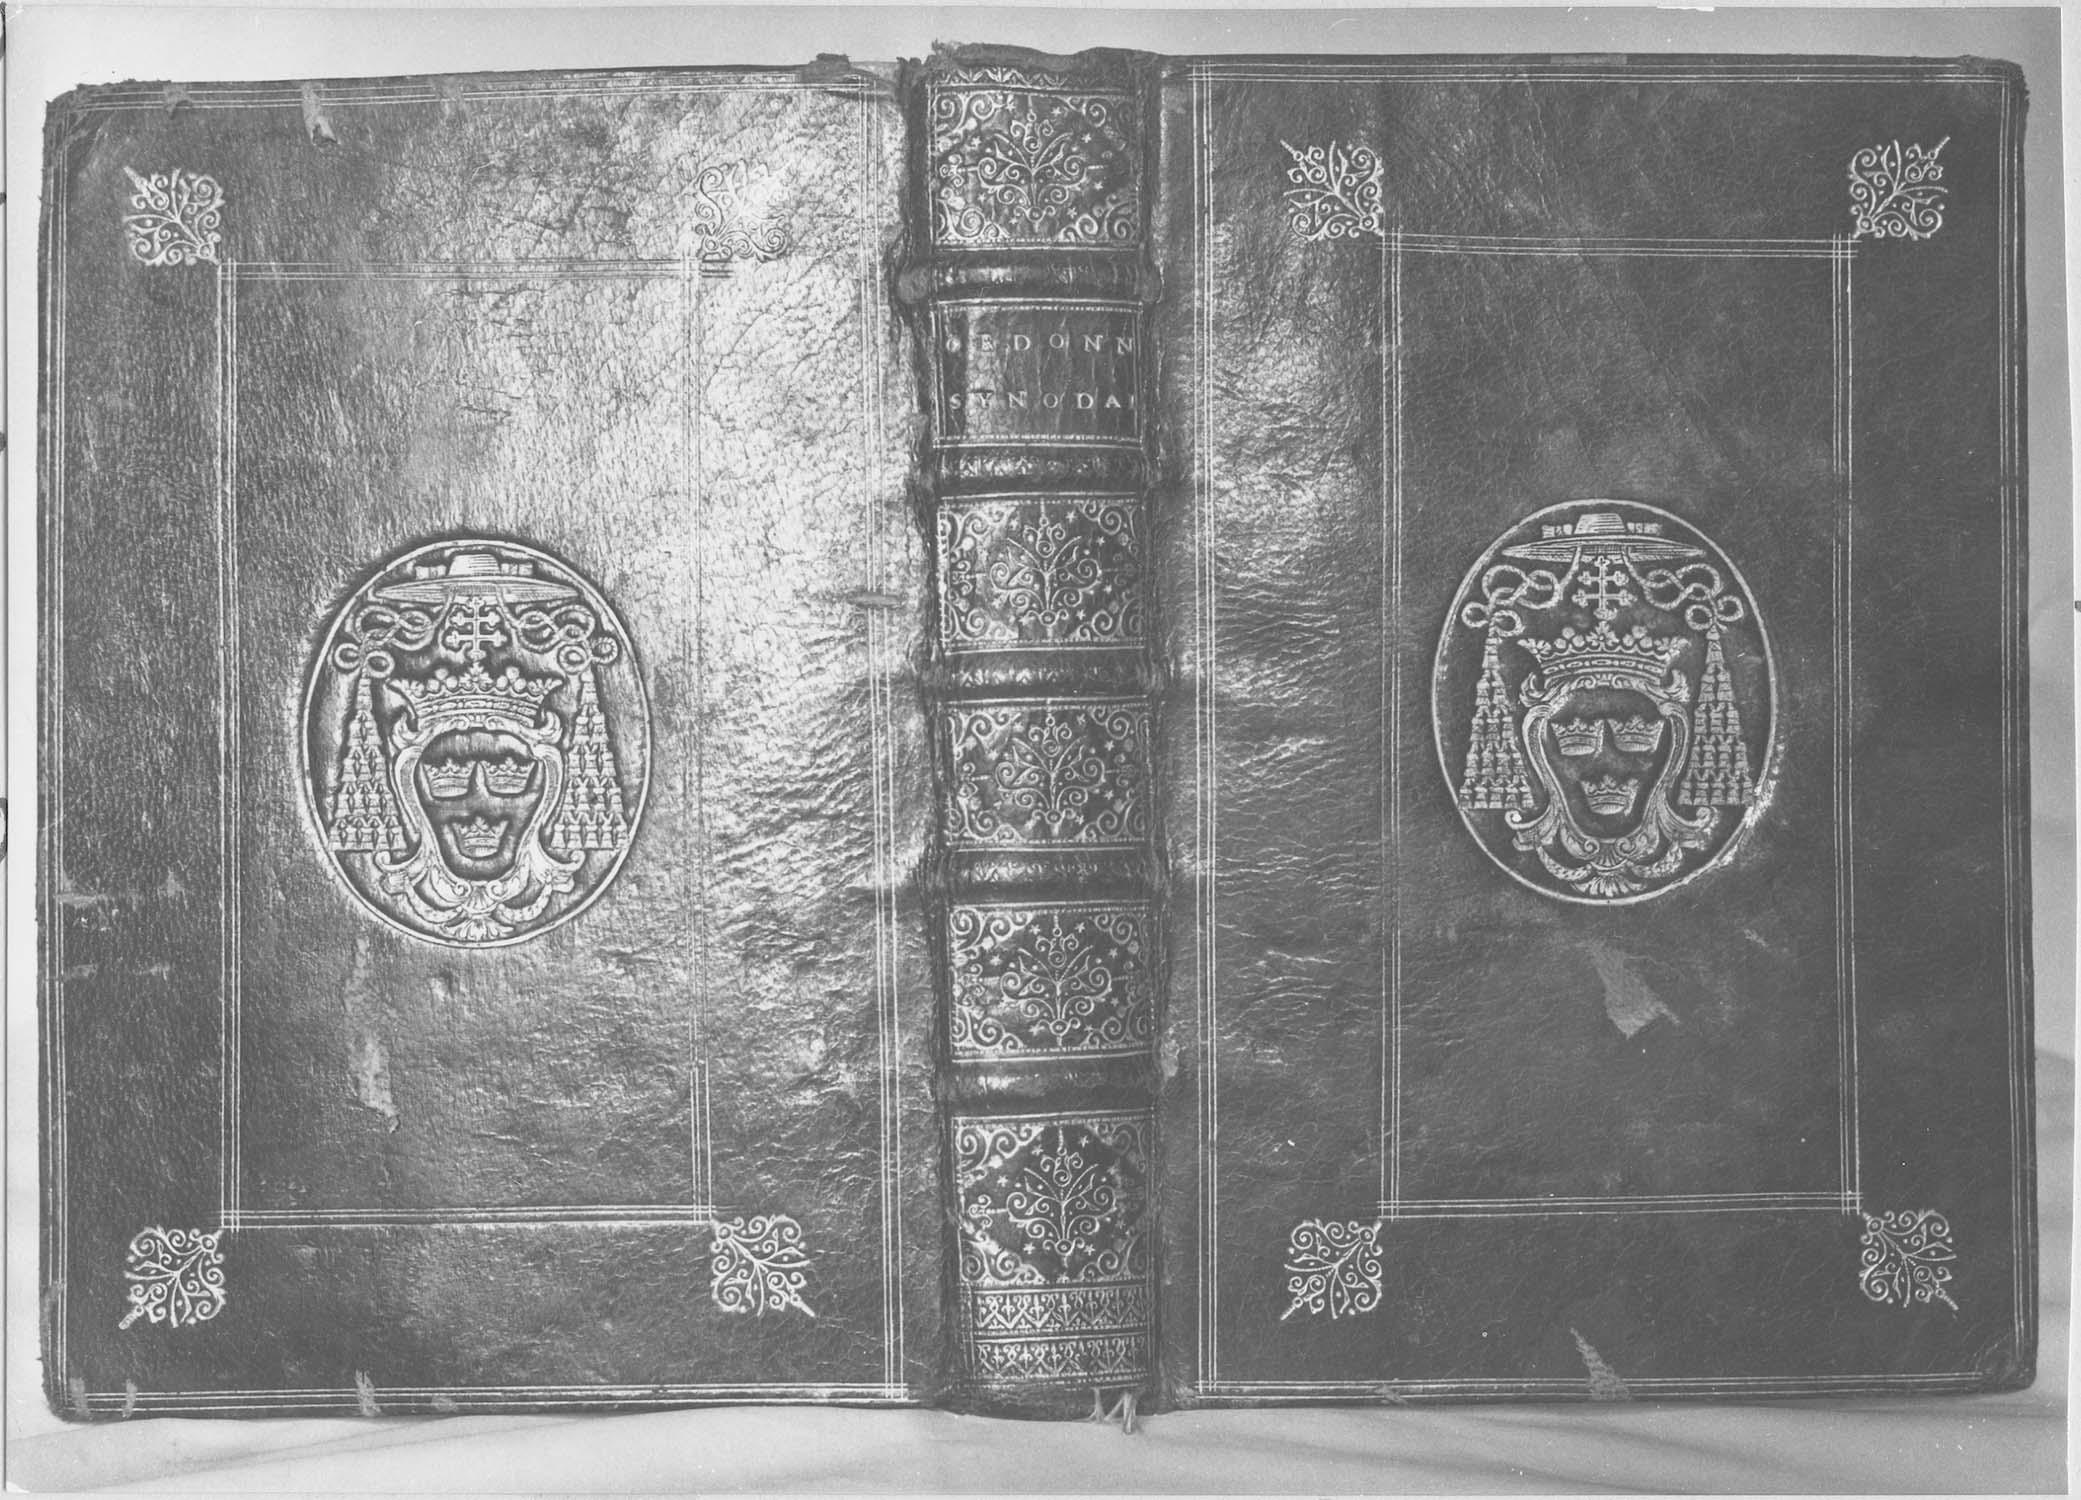 livre : Ordonnances synodales, vue générale de la reliure